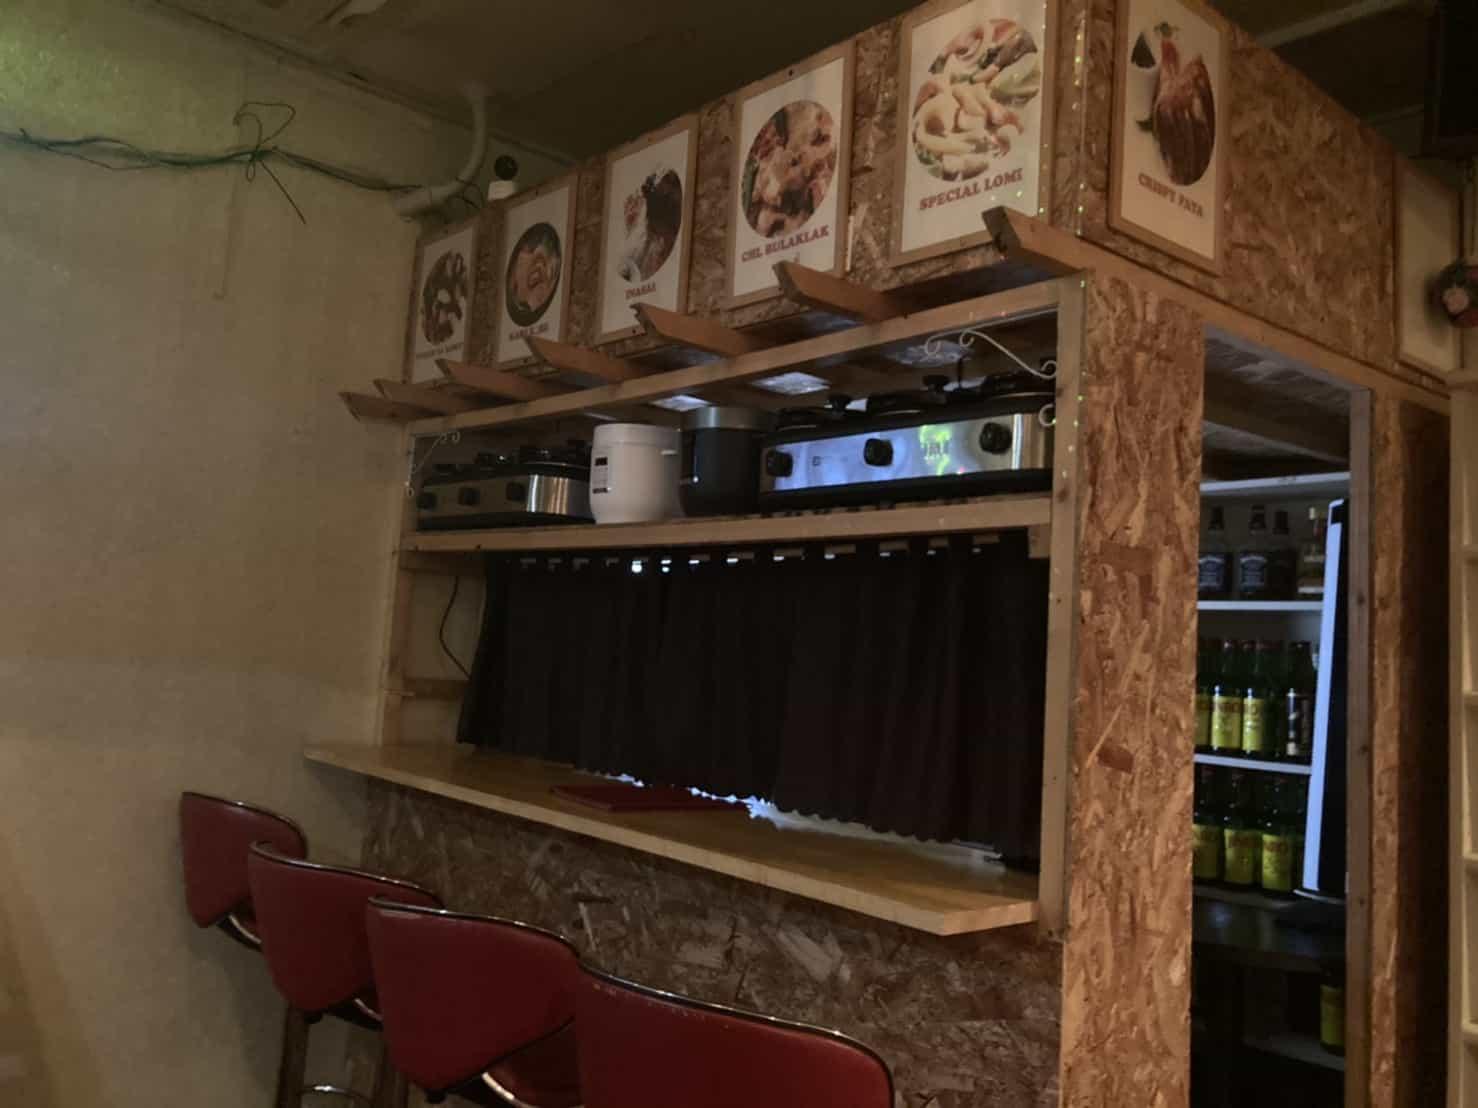 東京・小岩のフィリピンレストラン FBフィリピンレストラン店内①